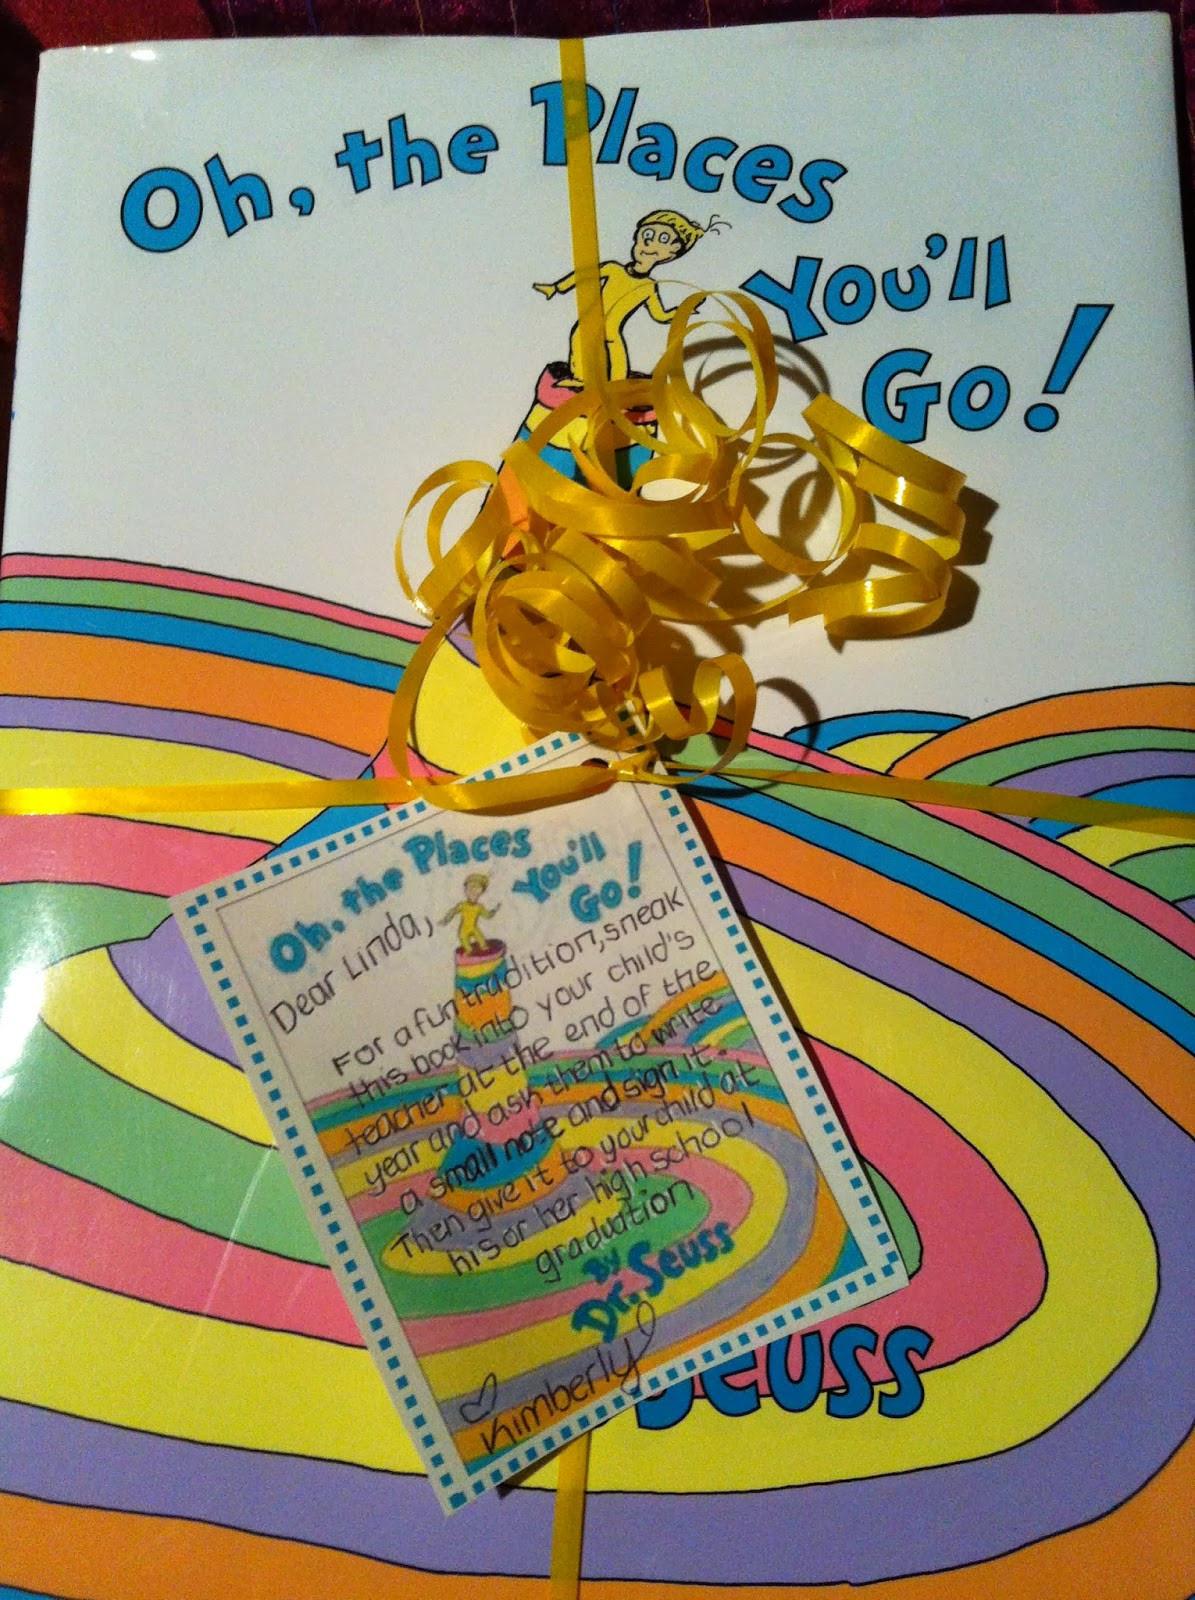 Preschool Graduation Gift Ideas From Teacher  Little Mrs Preschool Baby Shower and Graduation Gift Idea